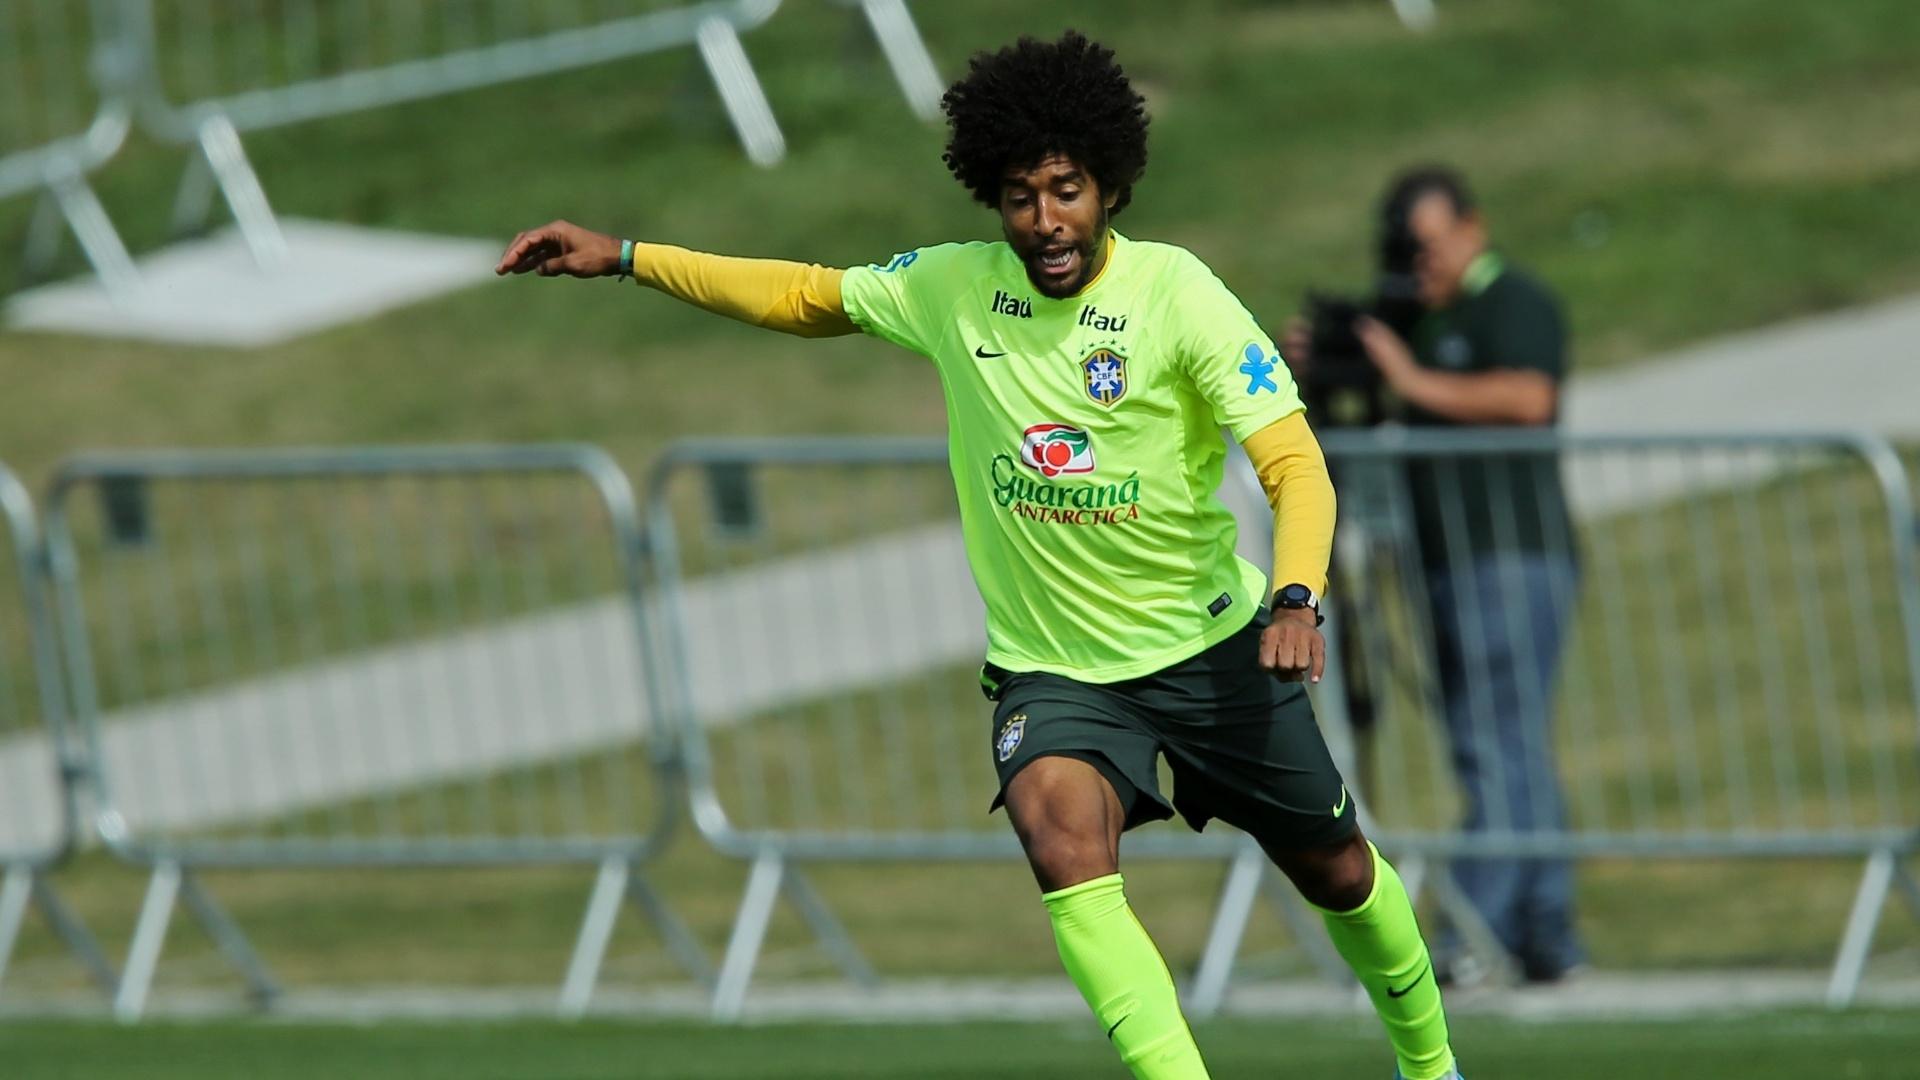 07.jul.2014 - Substituto de Thiago Silva para o jogo contra a Alemanha, Dante participa de treino coletivo da seleção